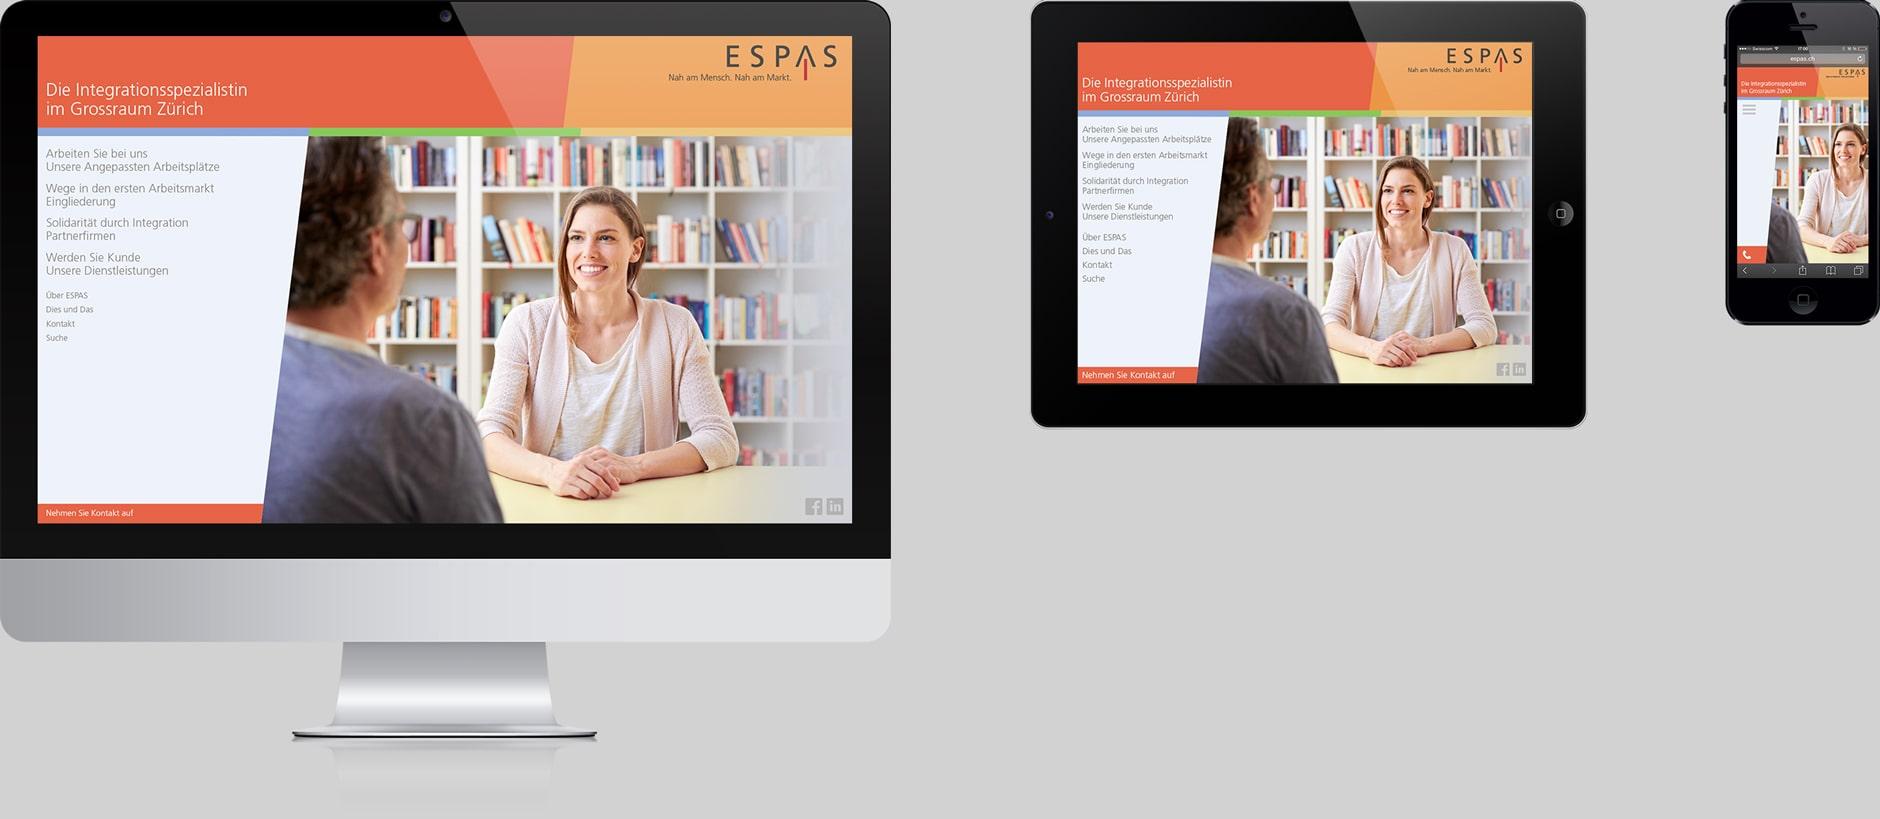 Design Espas